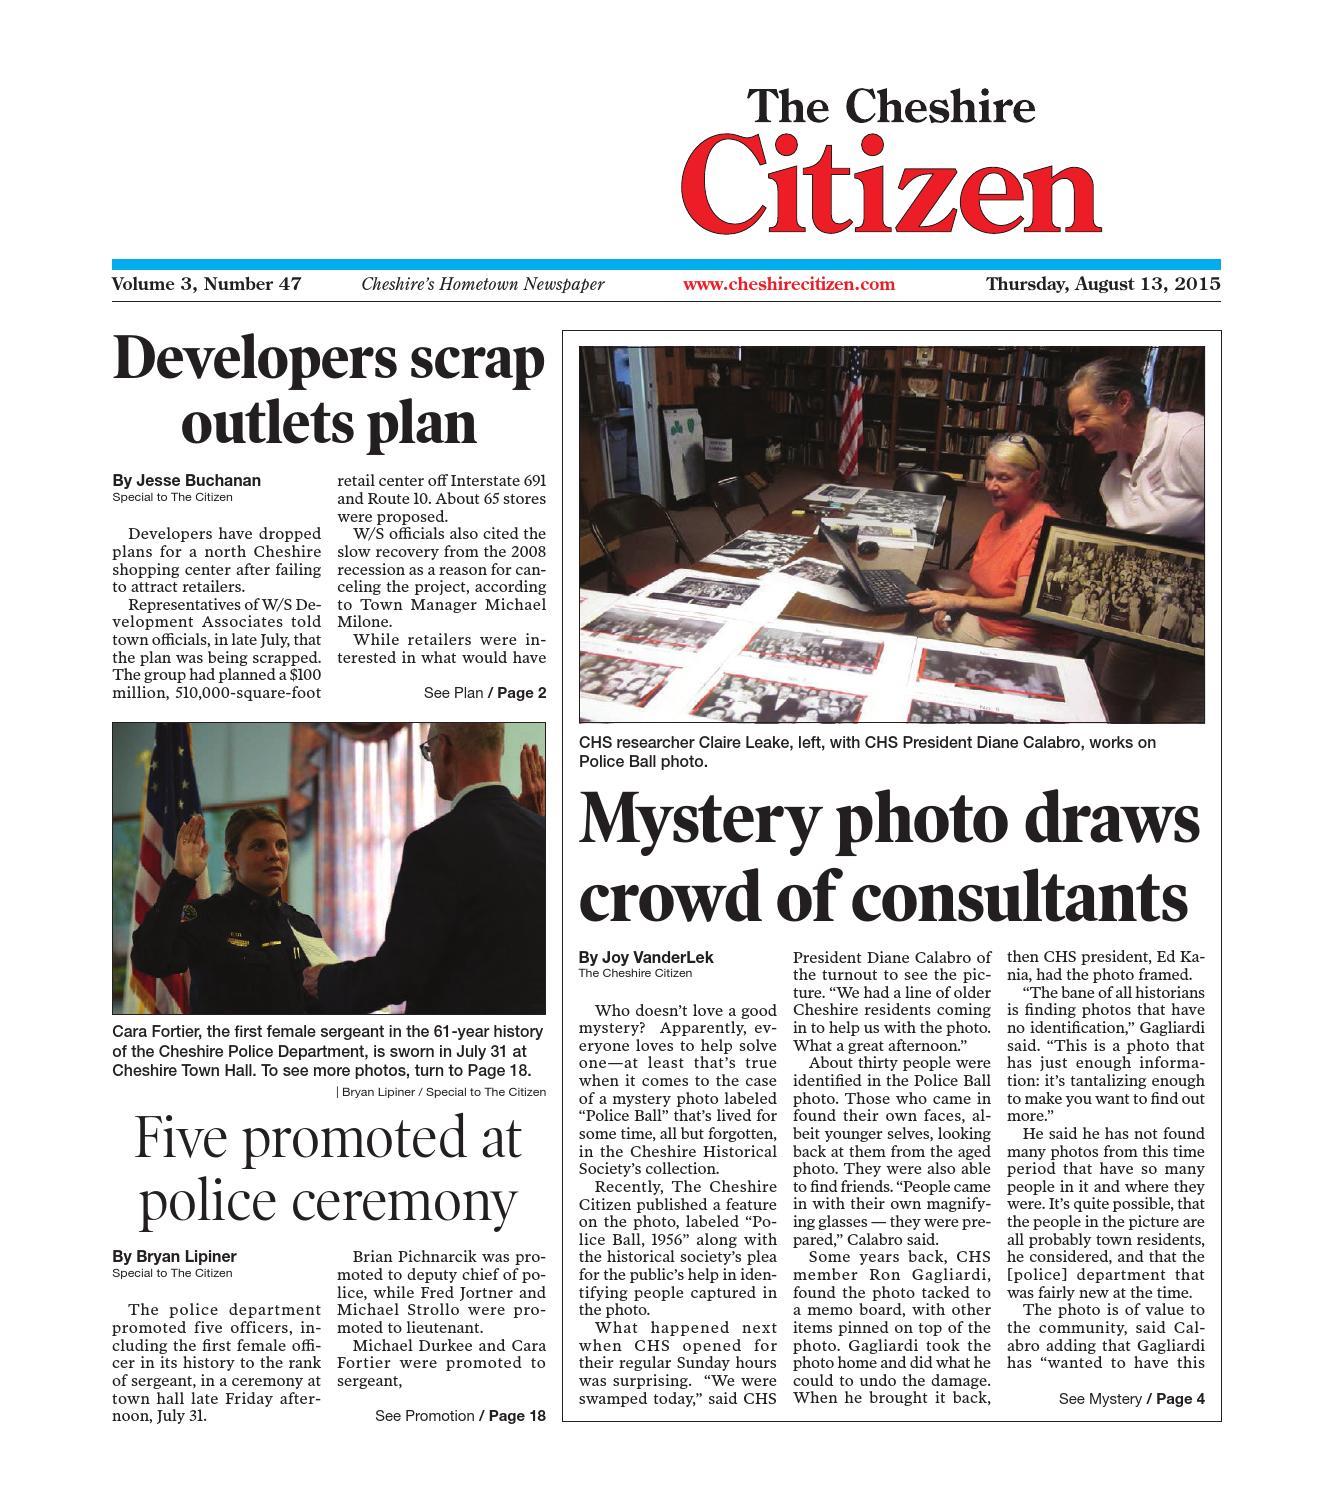 Ny honda dealer new york new amp used car newspaper ad riverhead - Ny Honda Dealer New York New Amp Used Car Newspaper Ad Riverhead 29